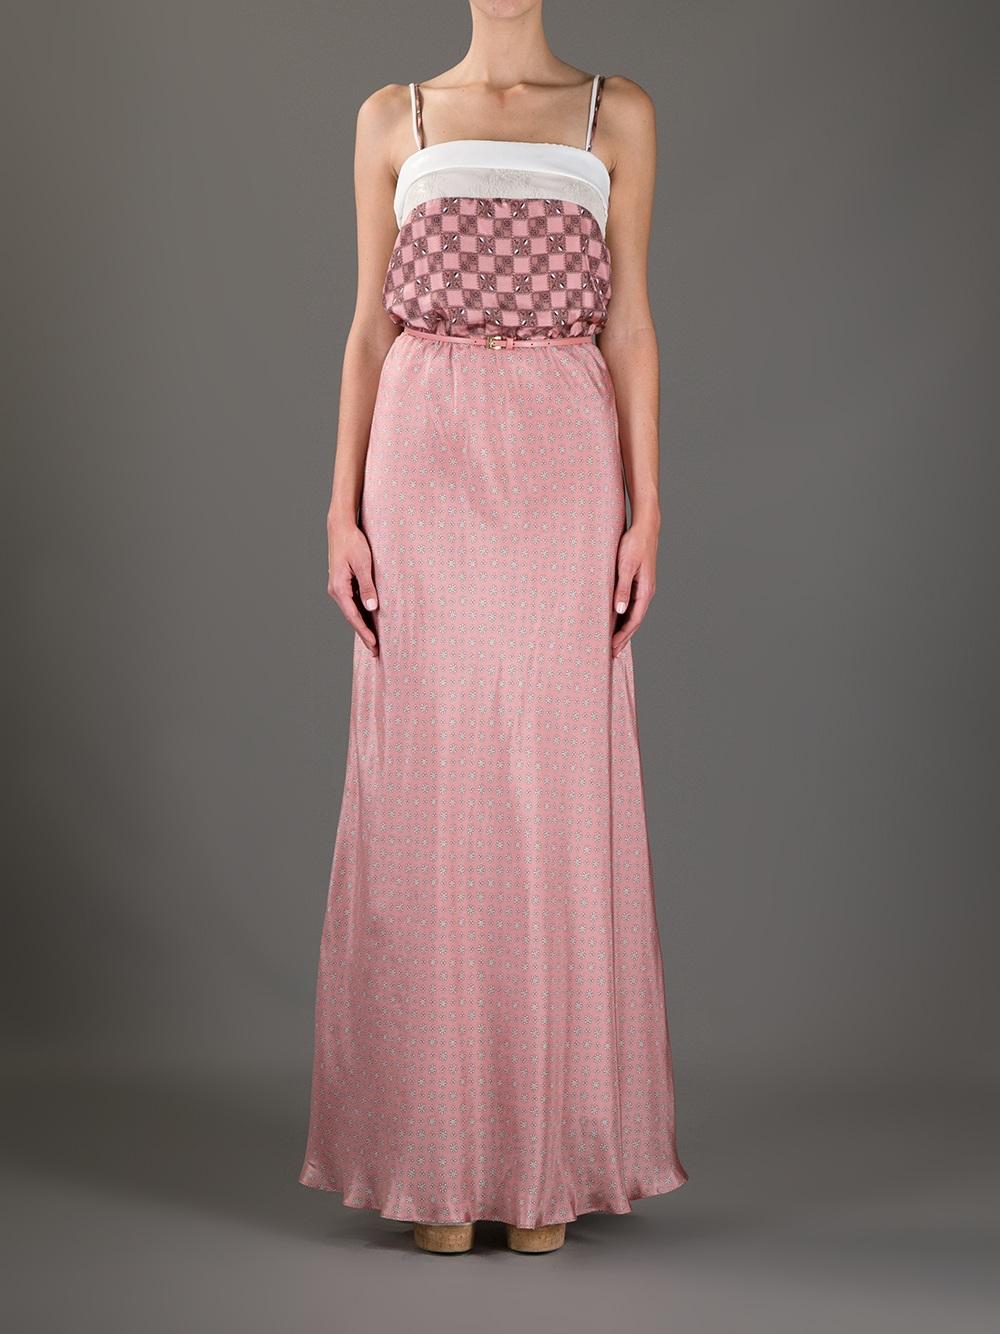 LIU JO mixed floral print dress - LIU•JO - Polyvore